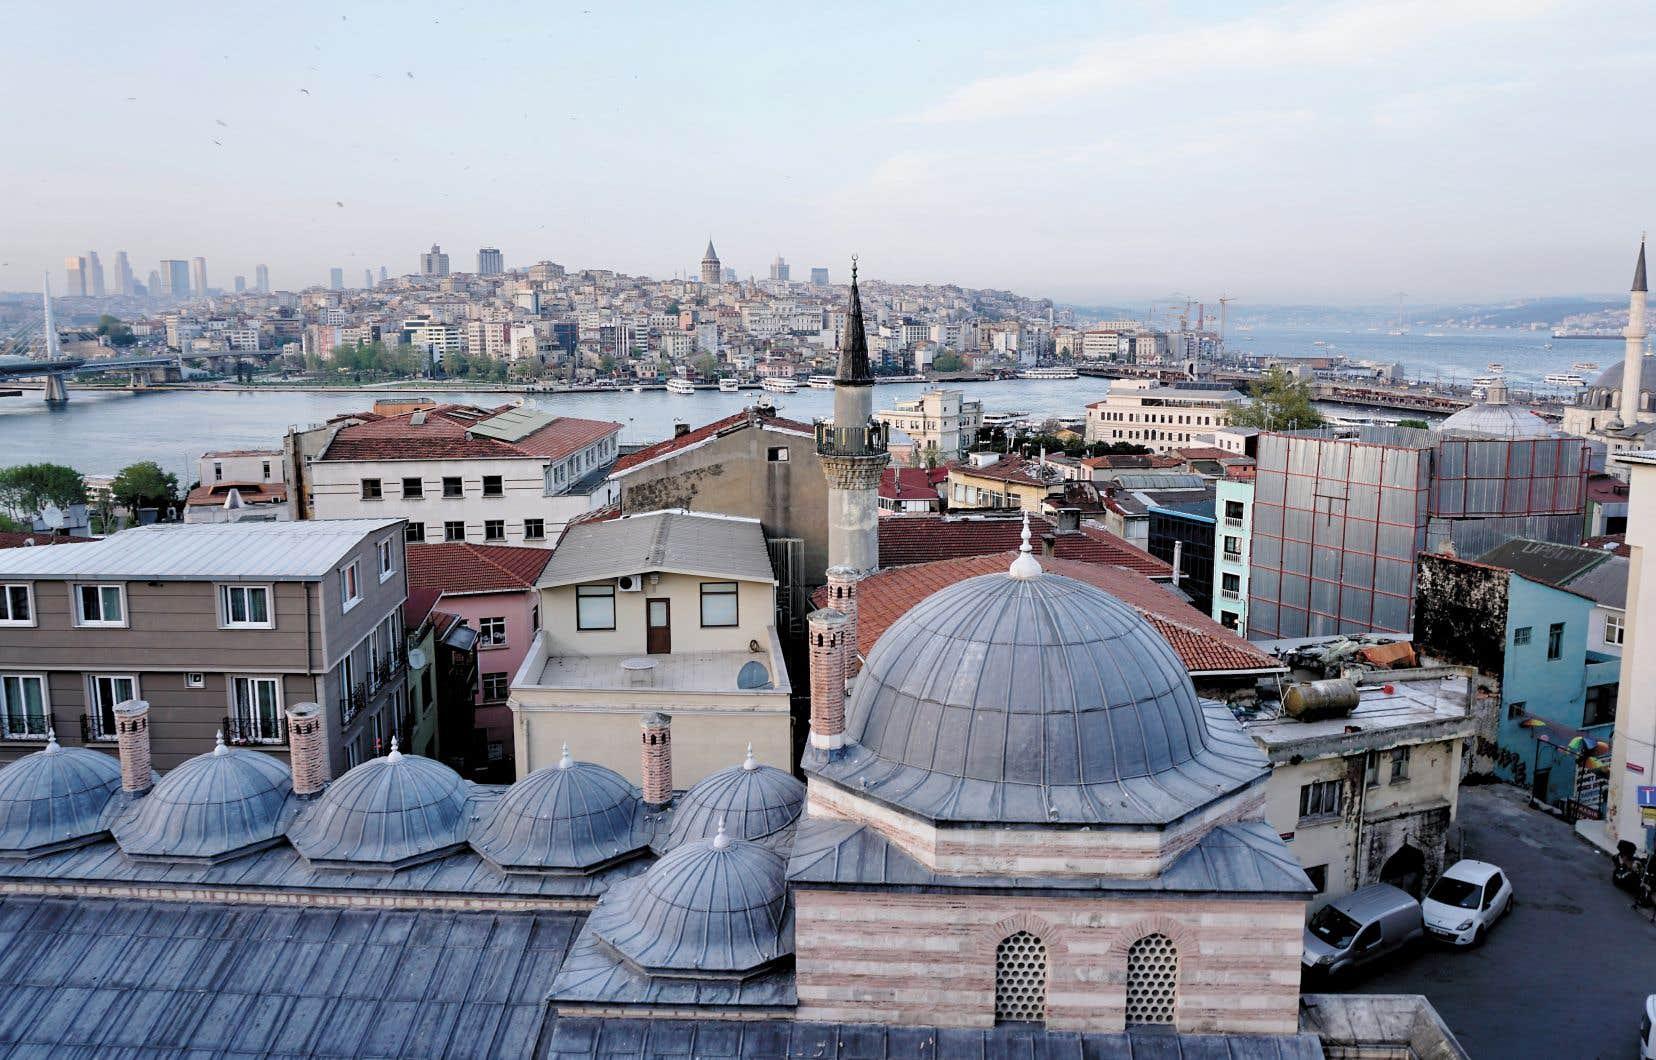 Le quartier Faith constitue le coeur historique d'Istanbul, sur la rive européenne du Bosphore. Les restaurants y sont nombreux à proposer des spécialités, dans un quartier où le nombre de réfugiés s'est multiplié.